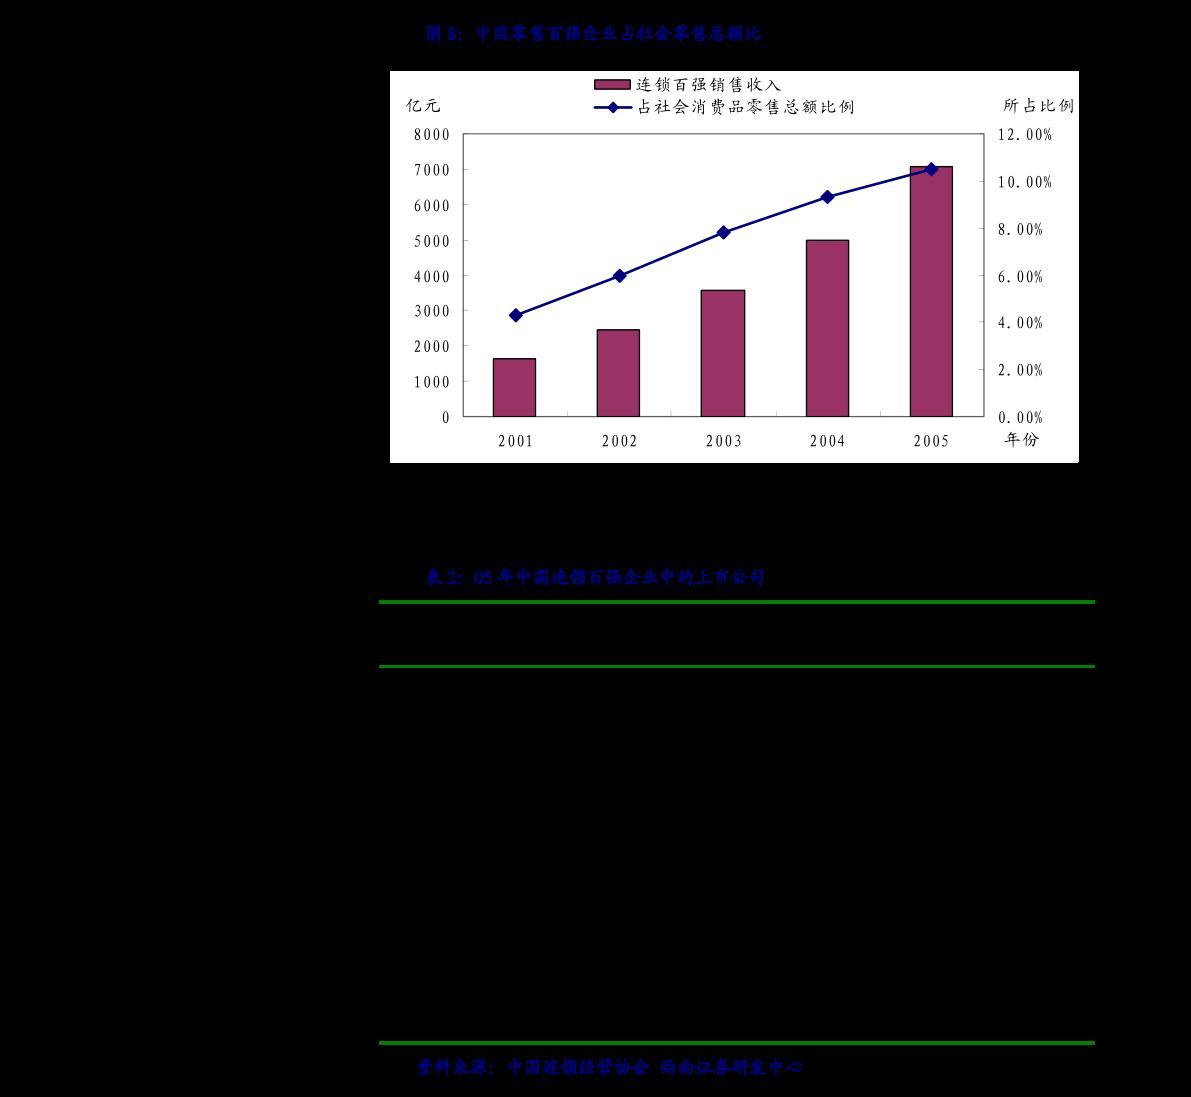 天风雷火电竞平台-医疗服务雷火网址专科医疗服务深度研究:数据会说话,发展周期与单店模型的碰撞-201118